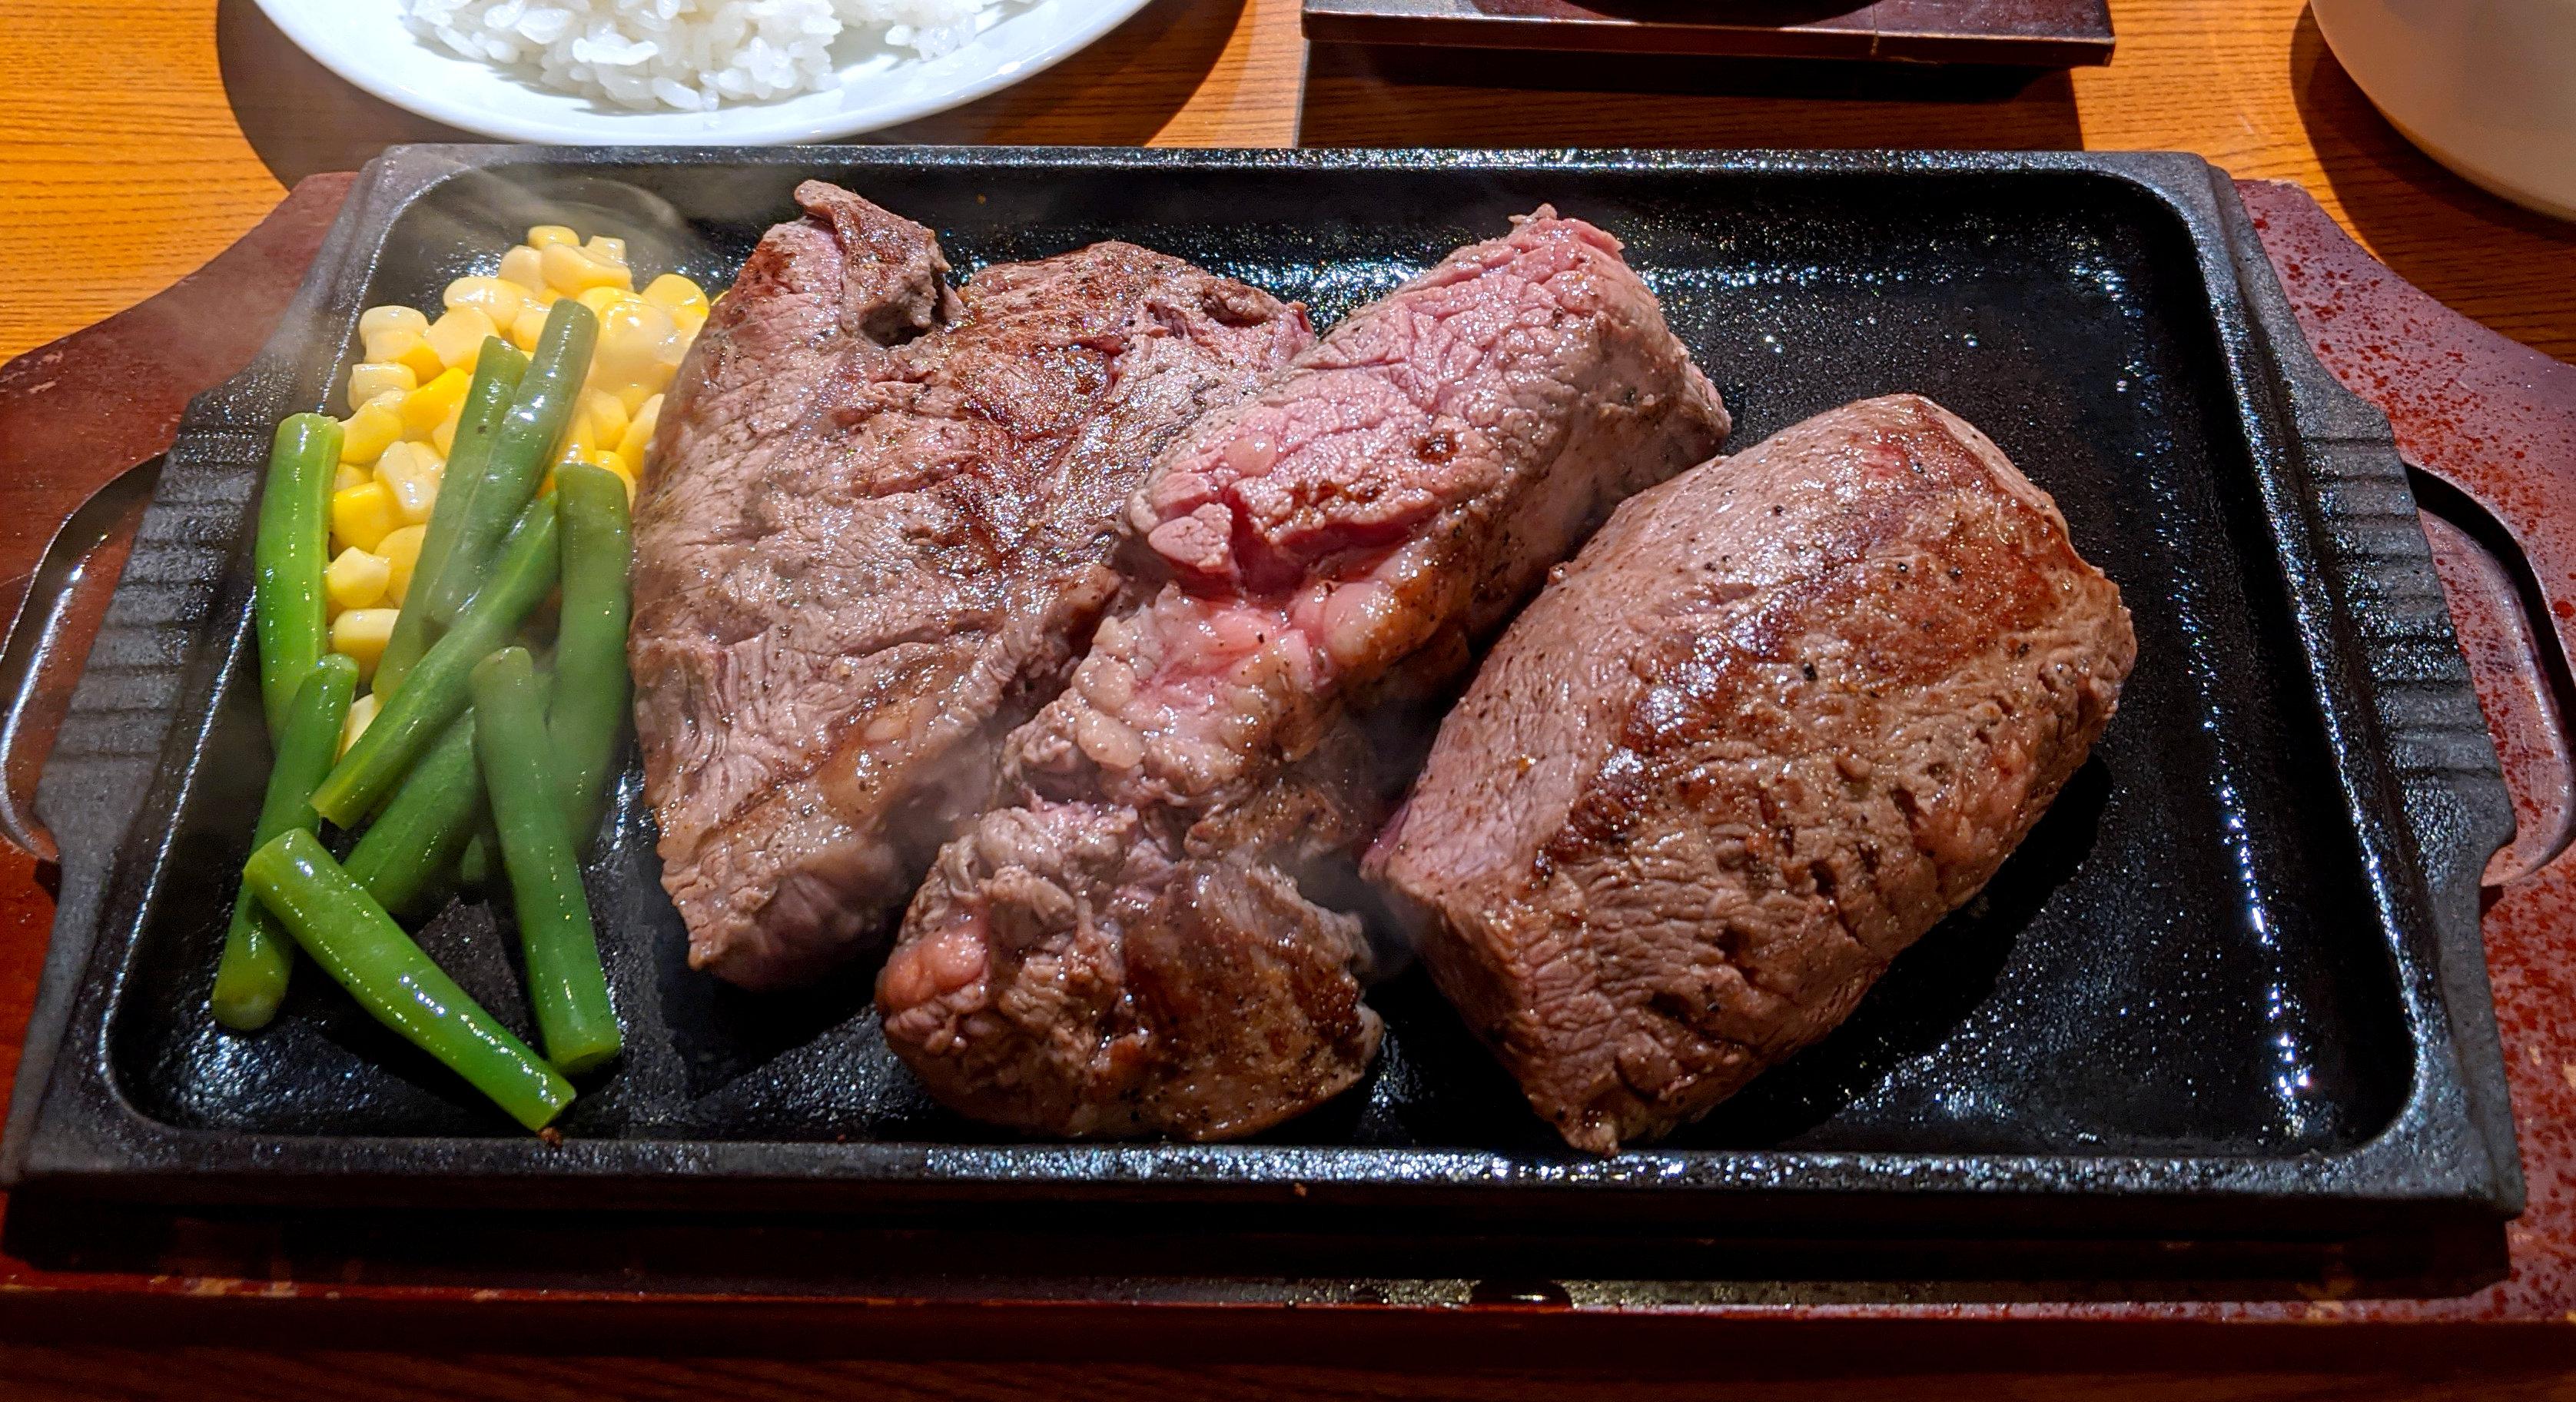 大阪 やっぱり ステーキ 沖縄で急成長「やっぱりステーキ」全国へ 売上100億円目指す